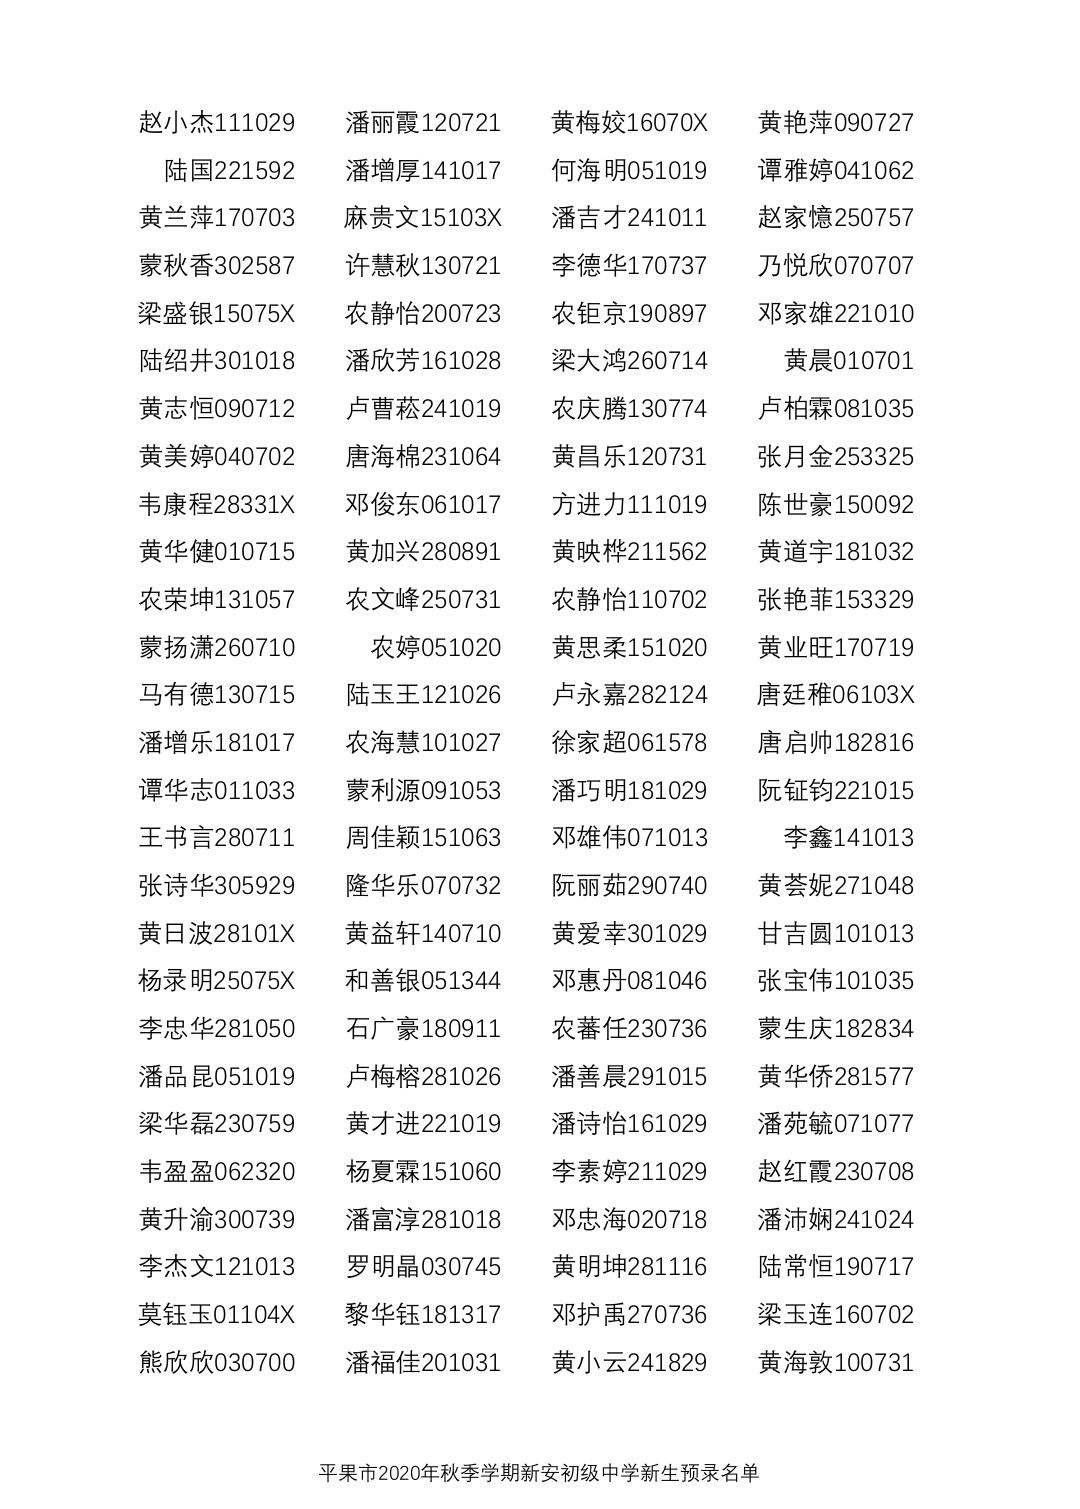 微信图片_20200730082236.jpg